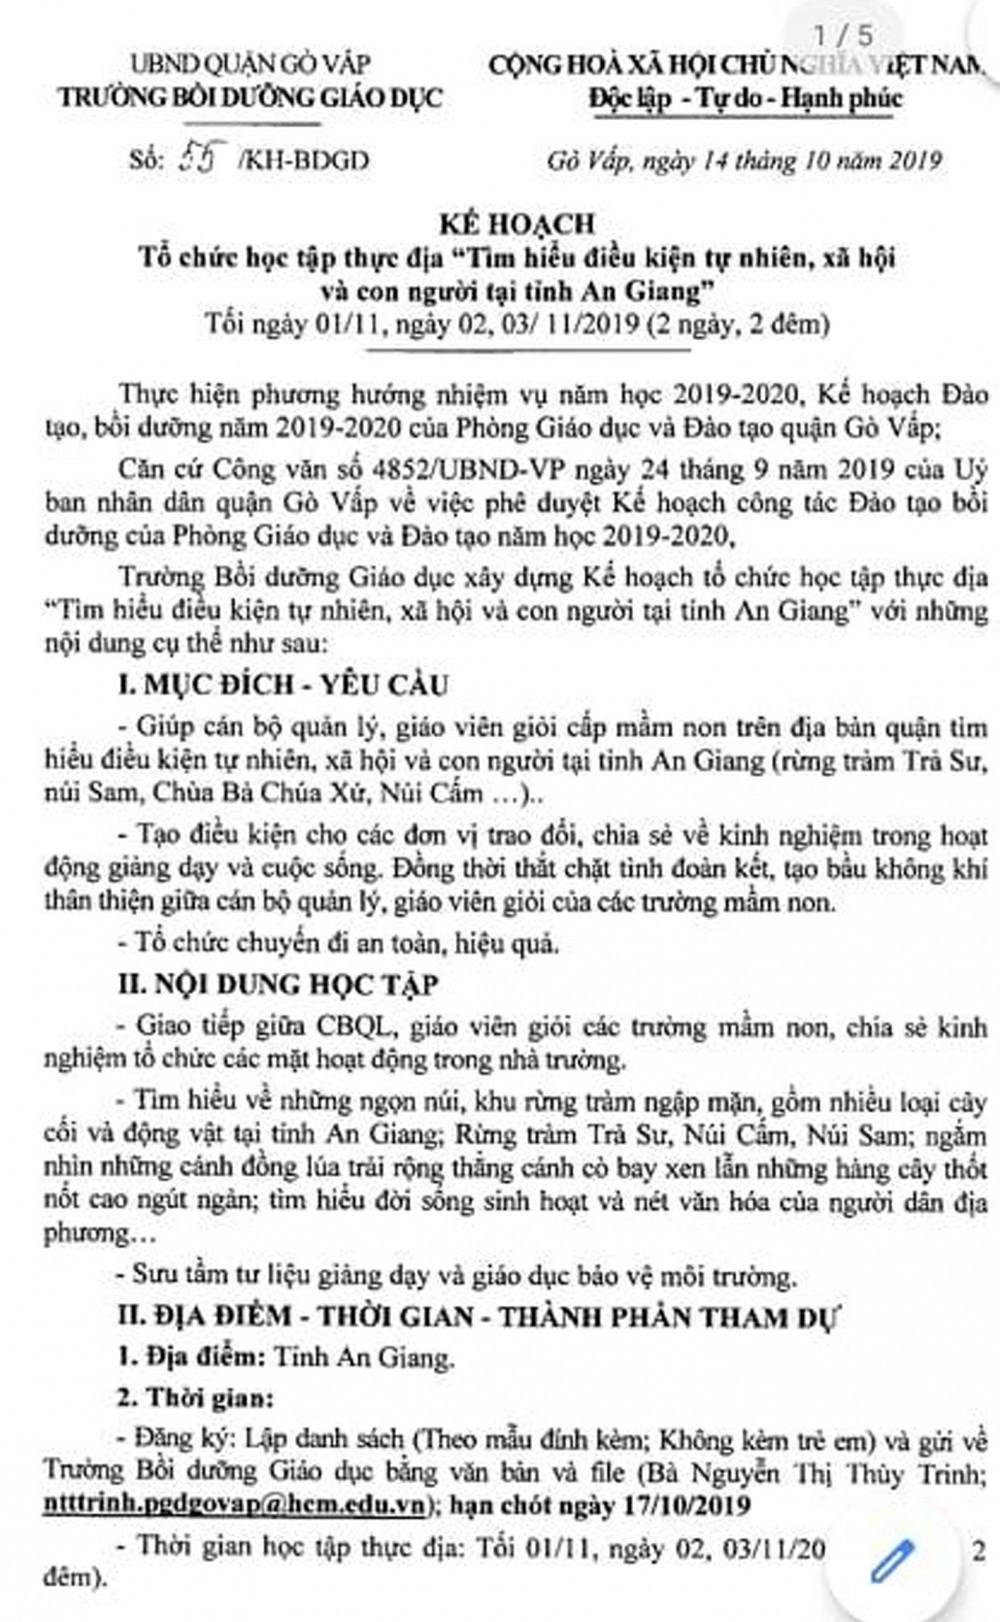 Thông báo kế hoạch tổ chức chuyến đi học tập thực địa của Trường Bồi dưỡng giáo dục quận Gò Vấp